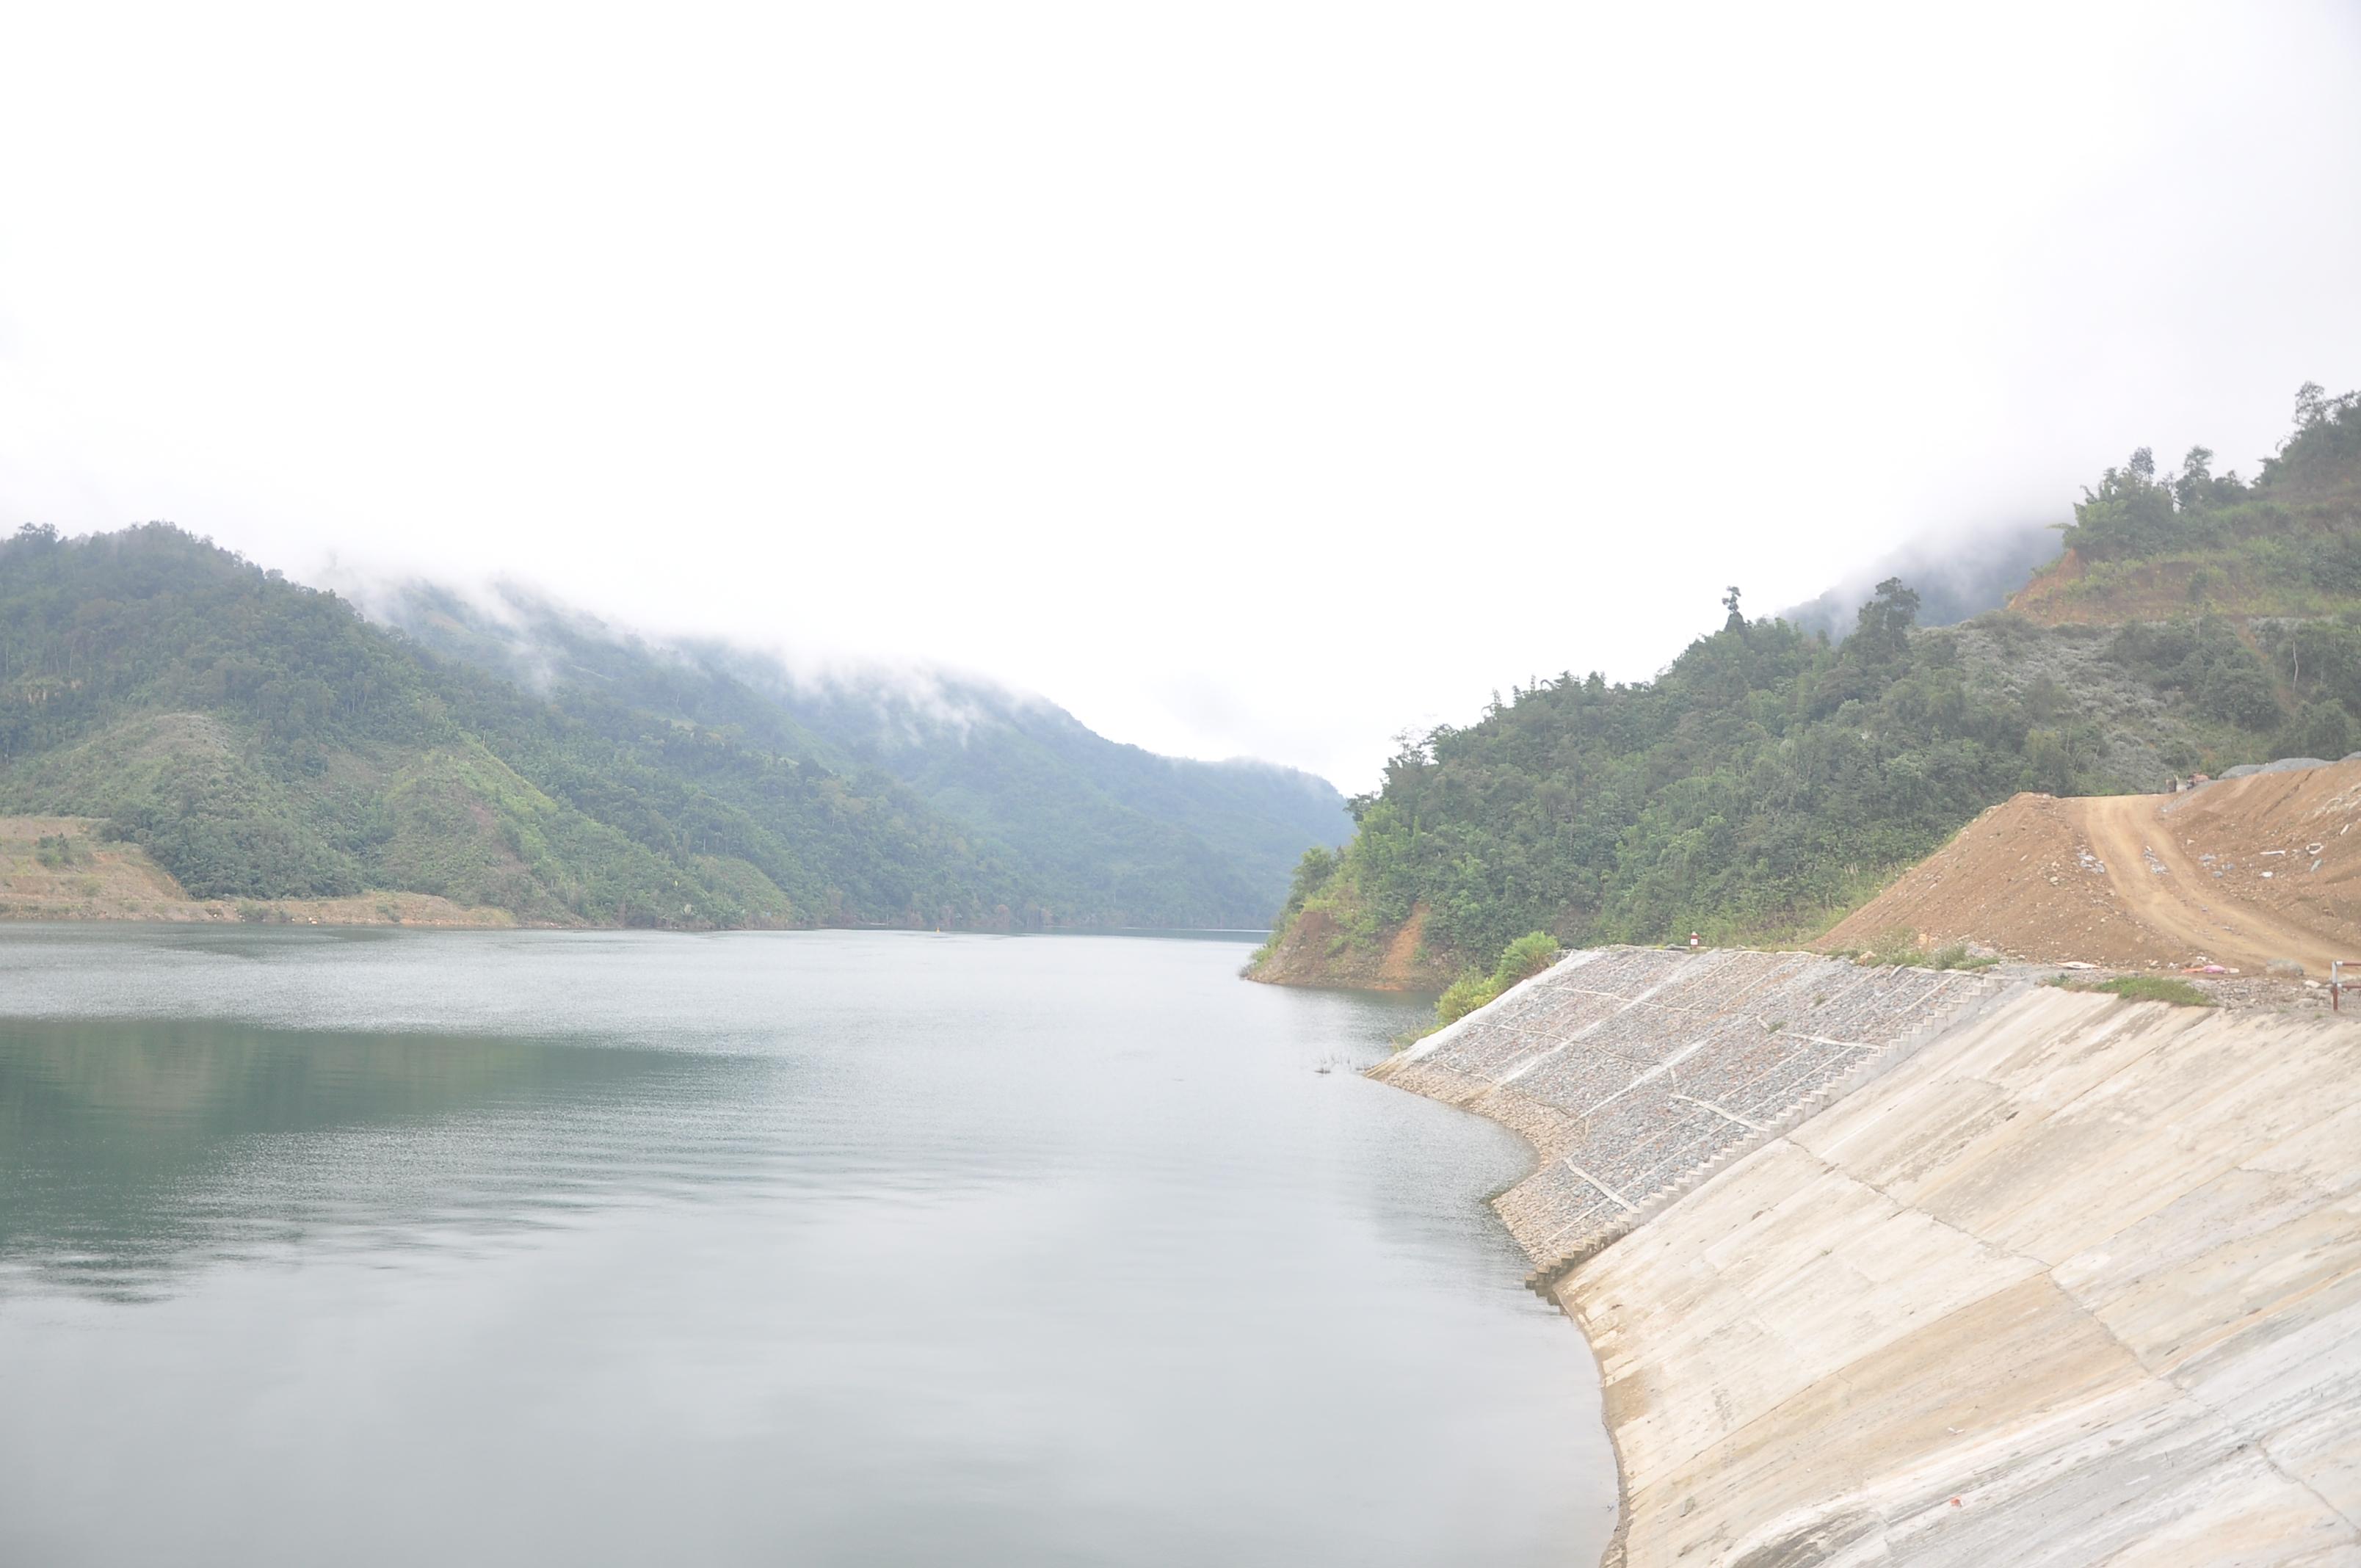 Trên vùng cao, rồi đây hồ thủy điện Lai Châu sẽ đem lại lợi ích cho người dân vùng cao bởi lòng hồ sẽ được khai thác để nuôi cá, du lịch